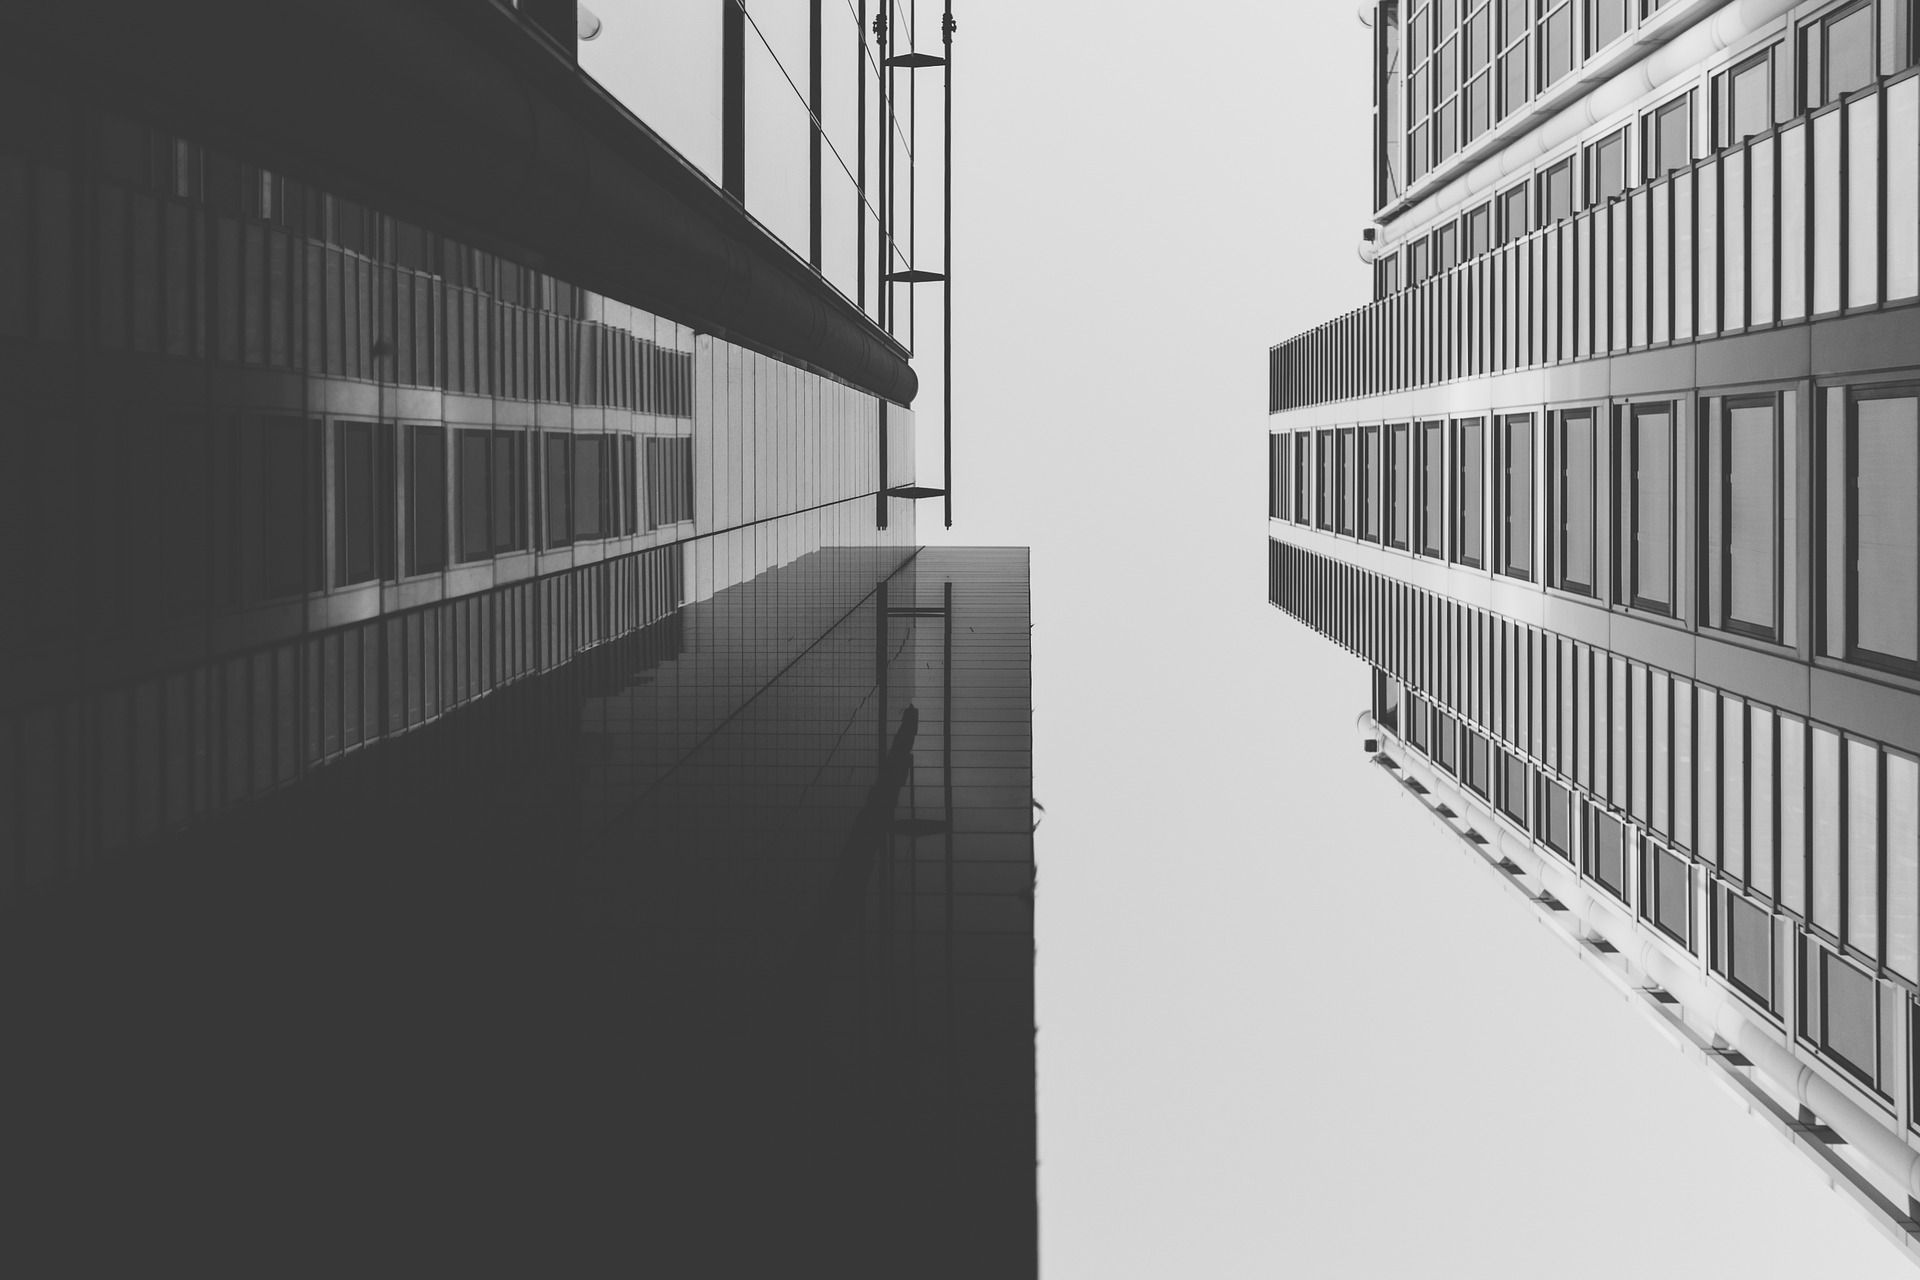 """iB נכסים - תיווך נדל""""ן מקצועי מהיר ואמין"""